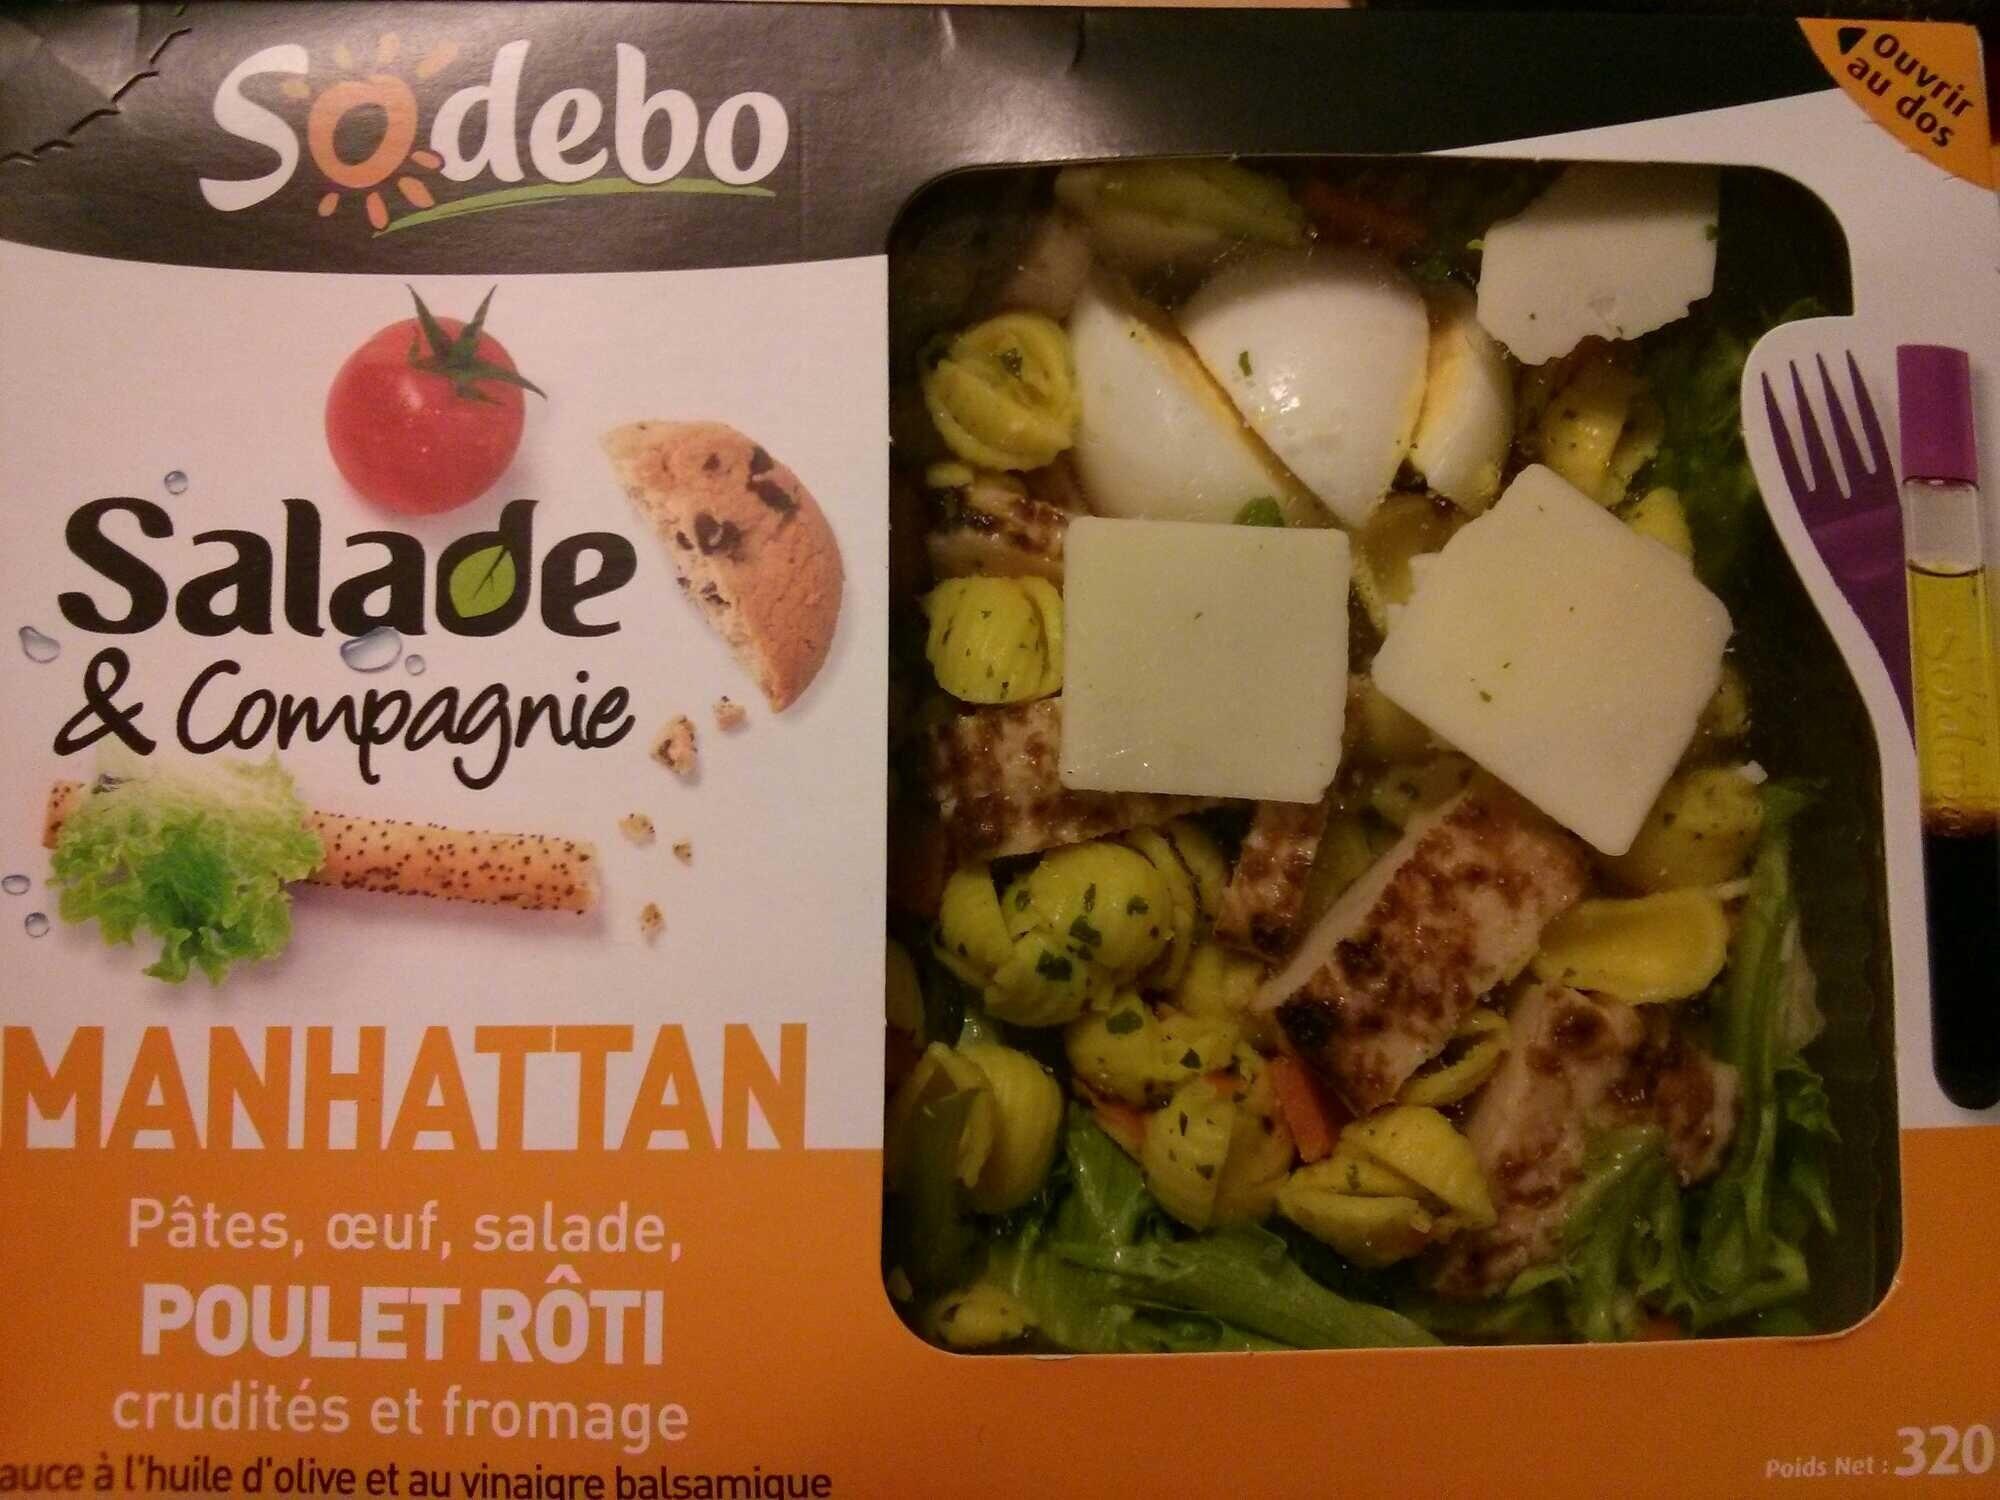 Salade & Compagnie - Manhattan - Produit